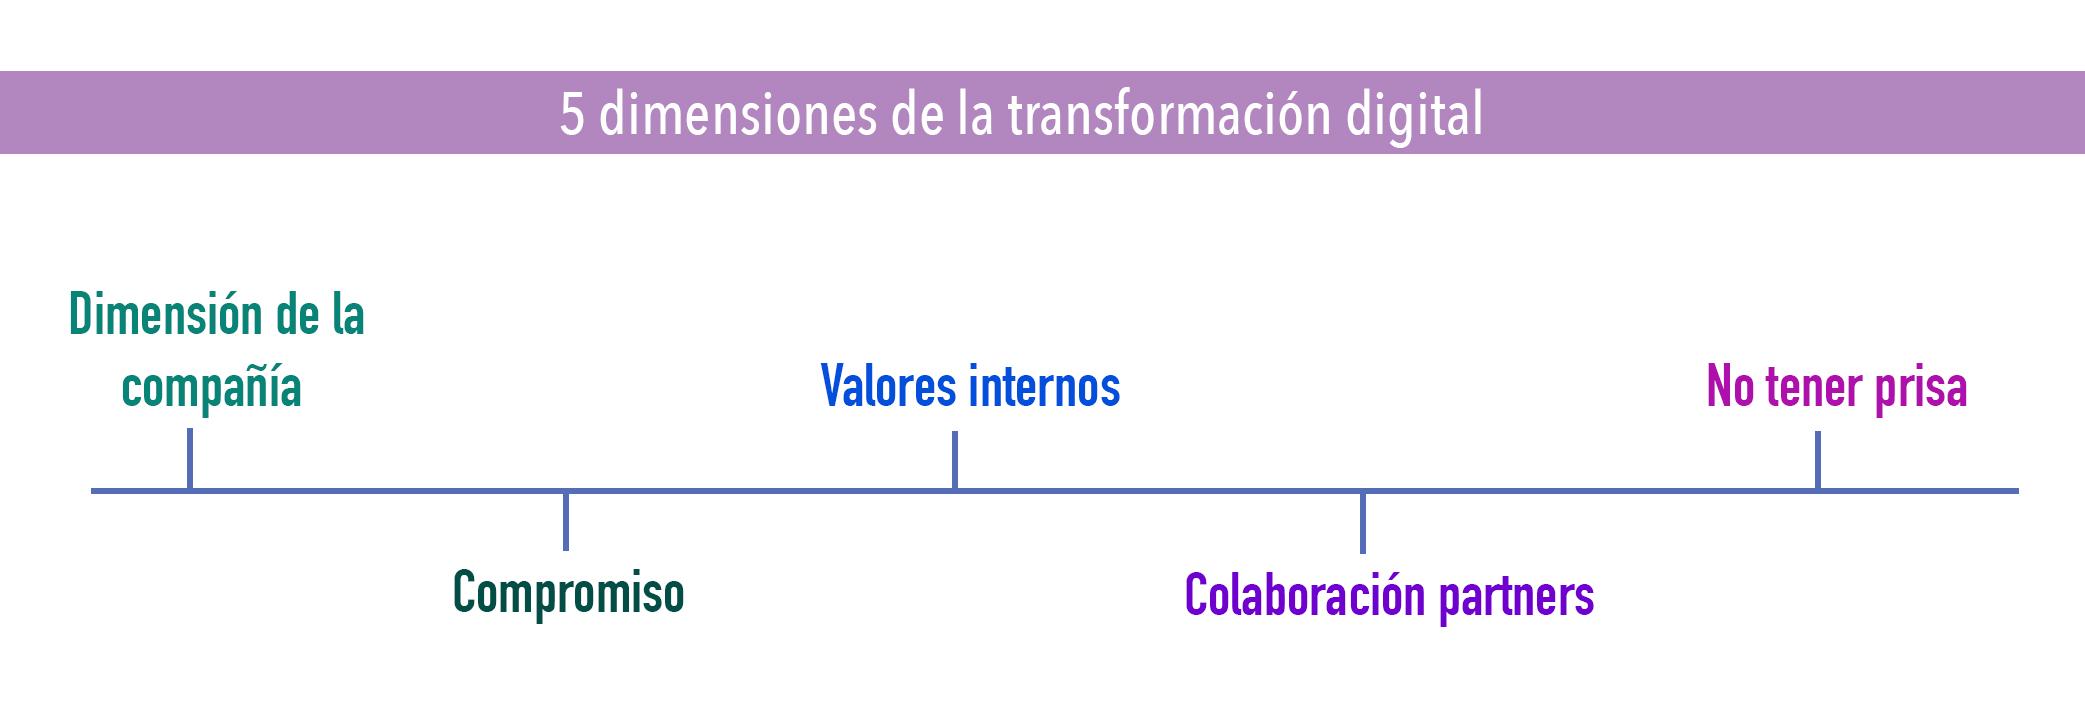 5 errores transformación digital